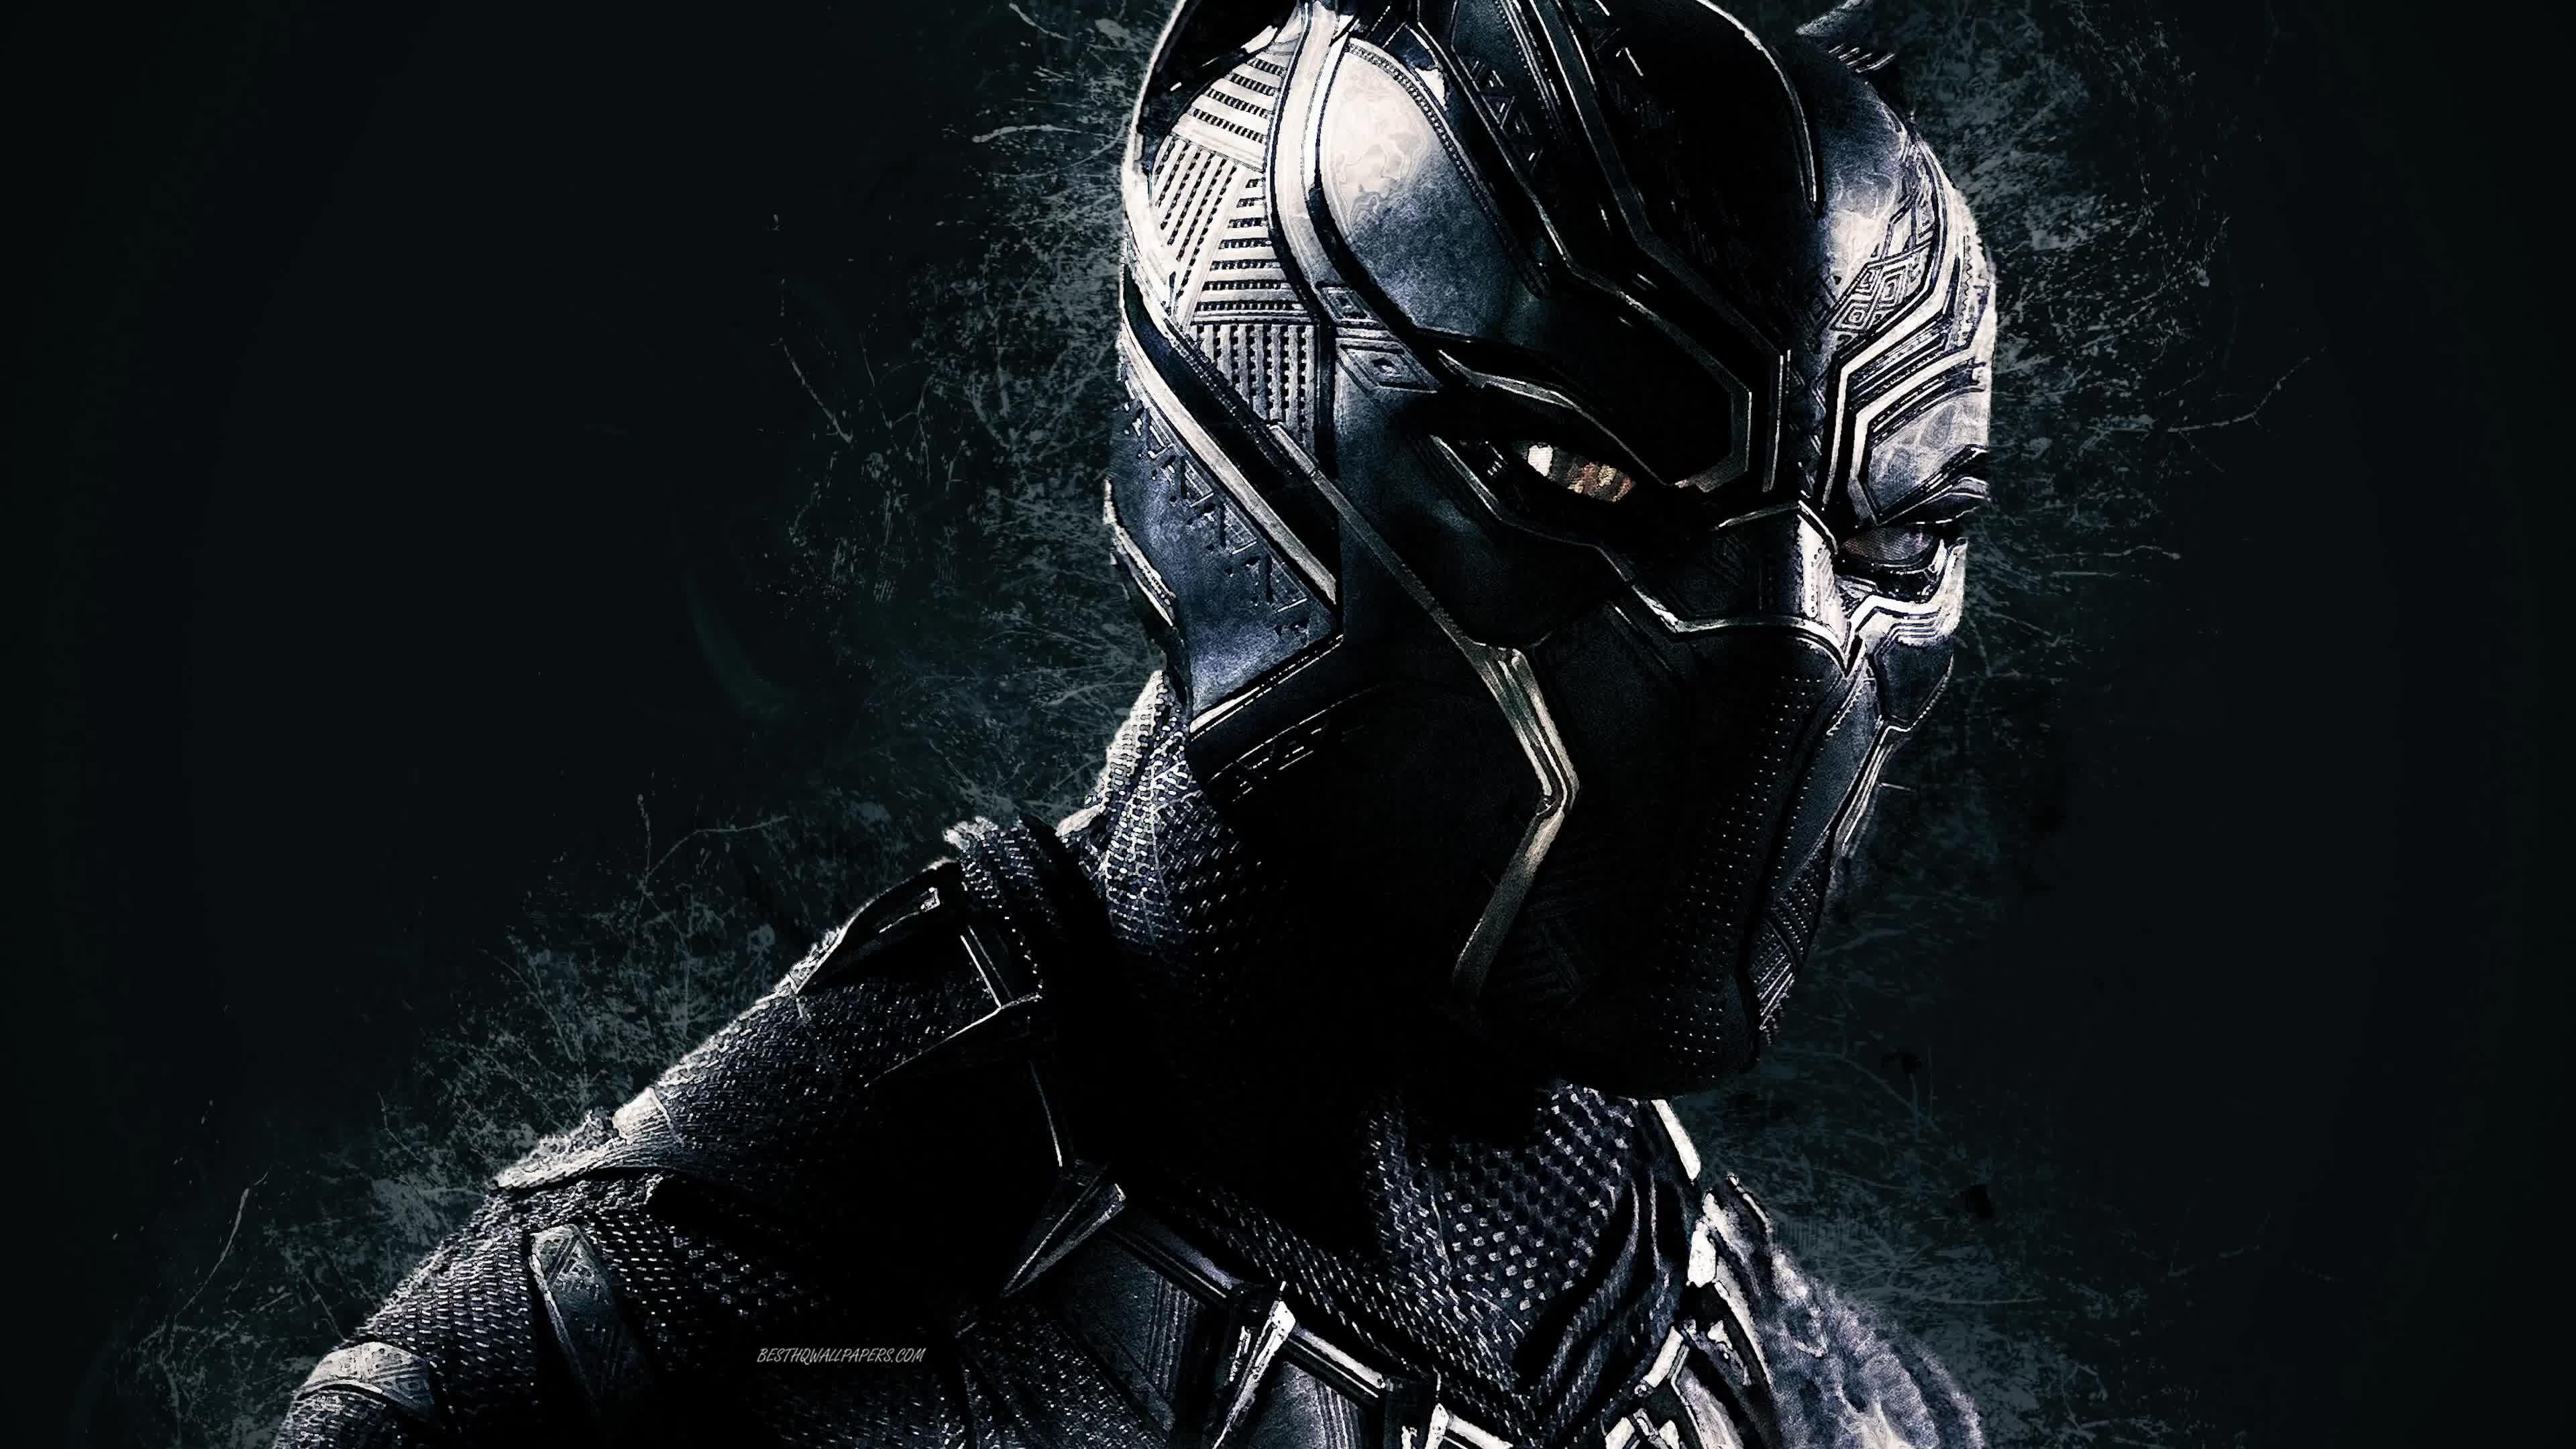 Marvel Black Panther 4K Live Wallpaper Panthère